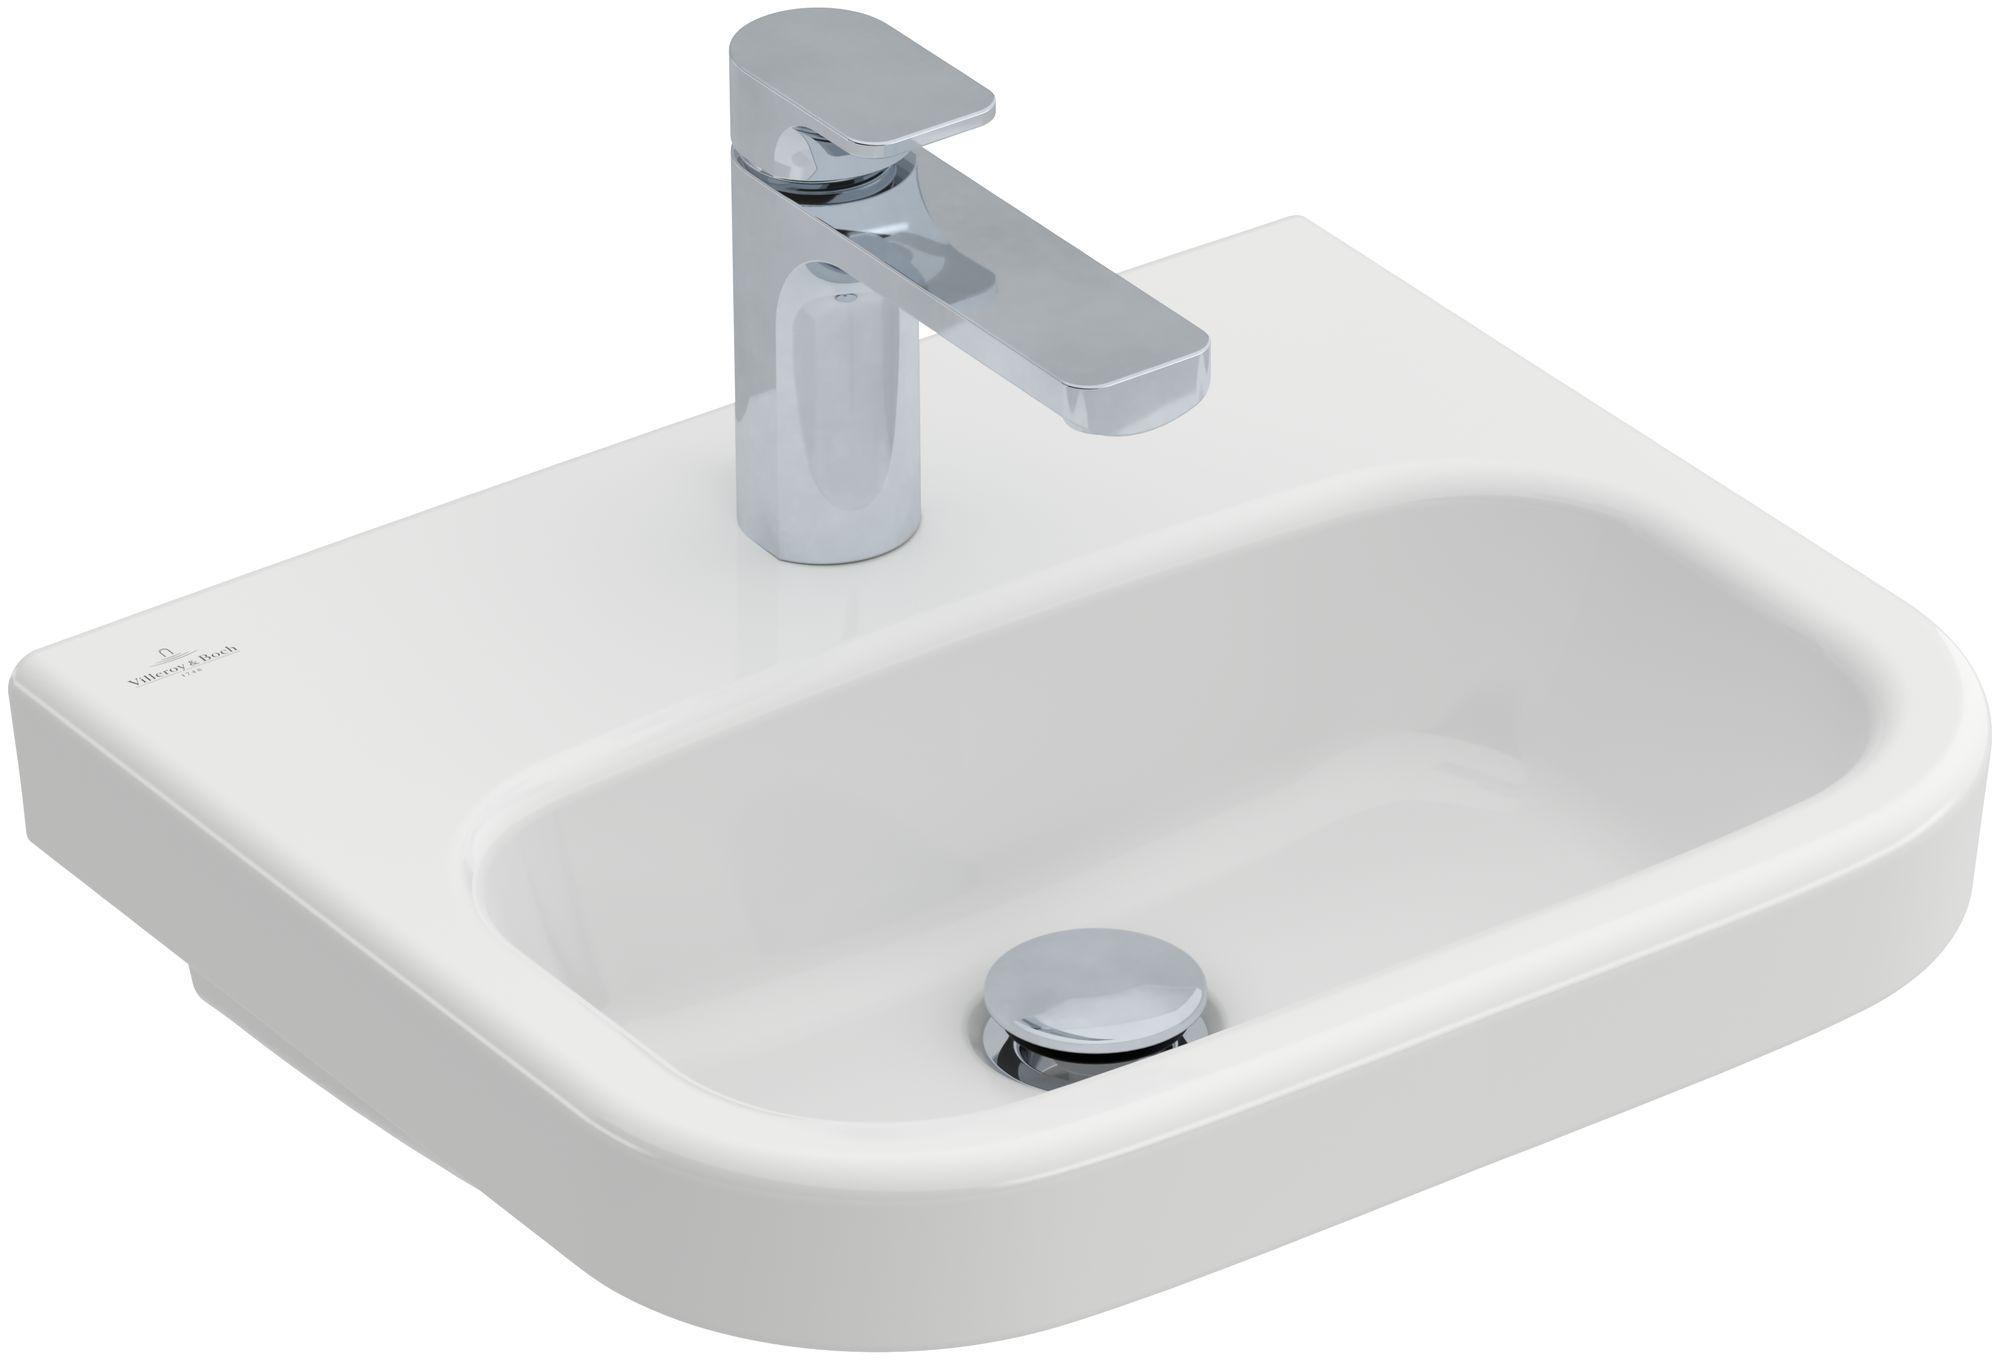 Villeroy & Boch Architectura Handwaschbecken B:45xT:38cm mit 1 Hahnloch ohne Überlauf weiß mit CeramicPlus 437346R1